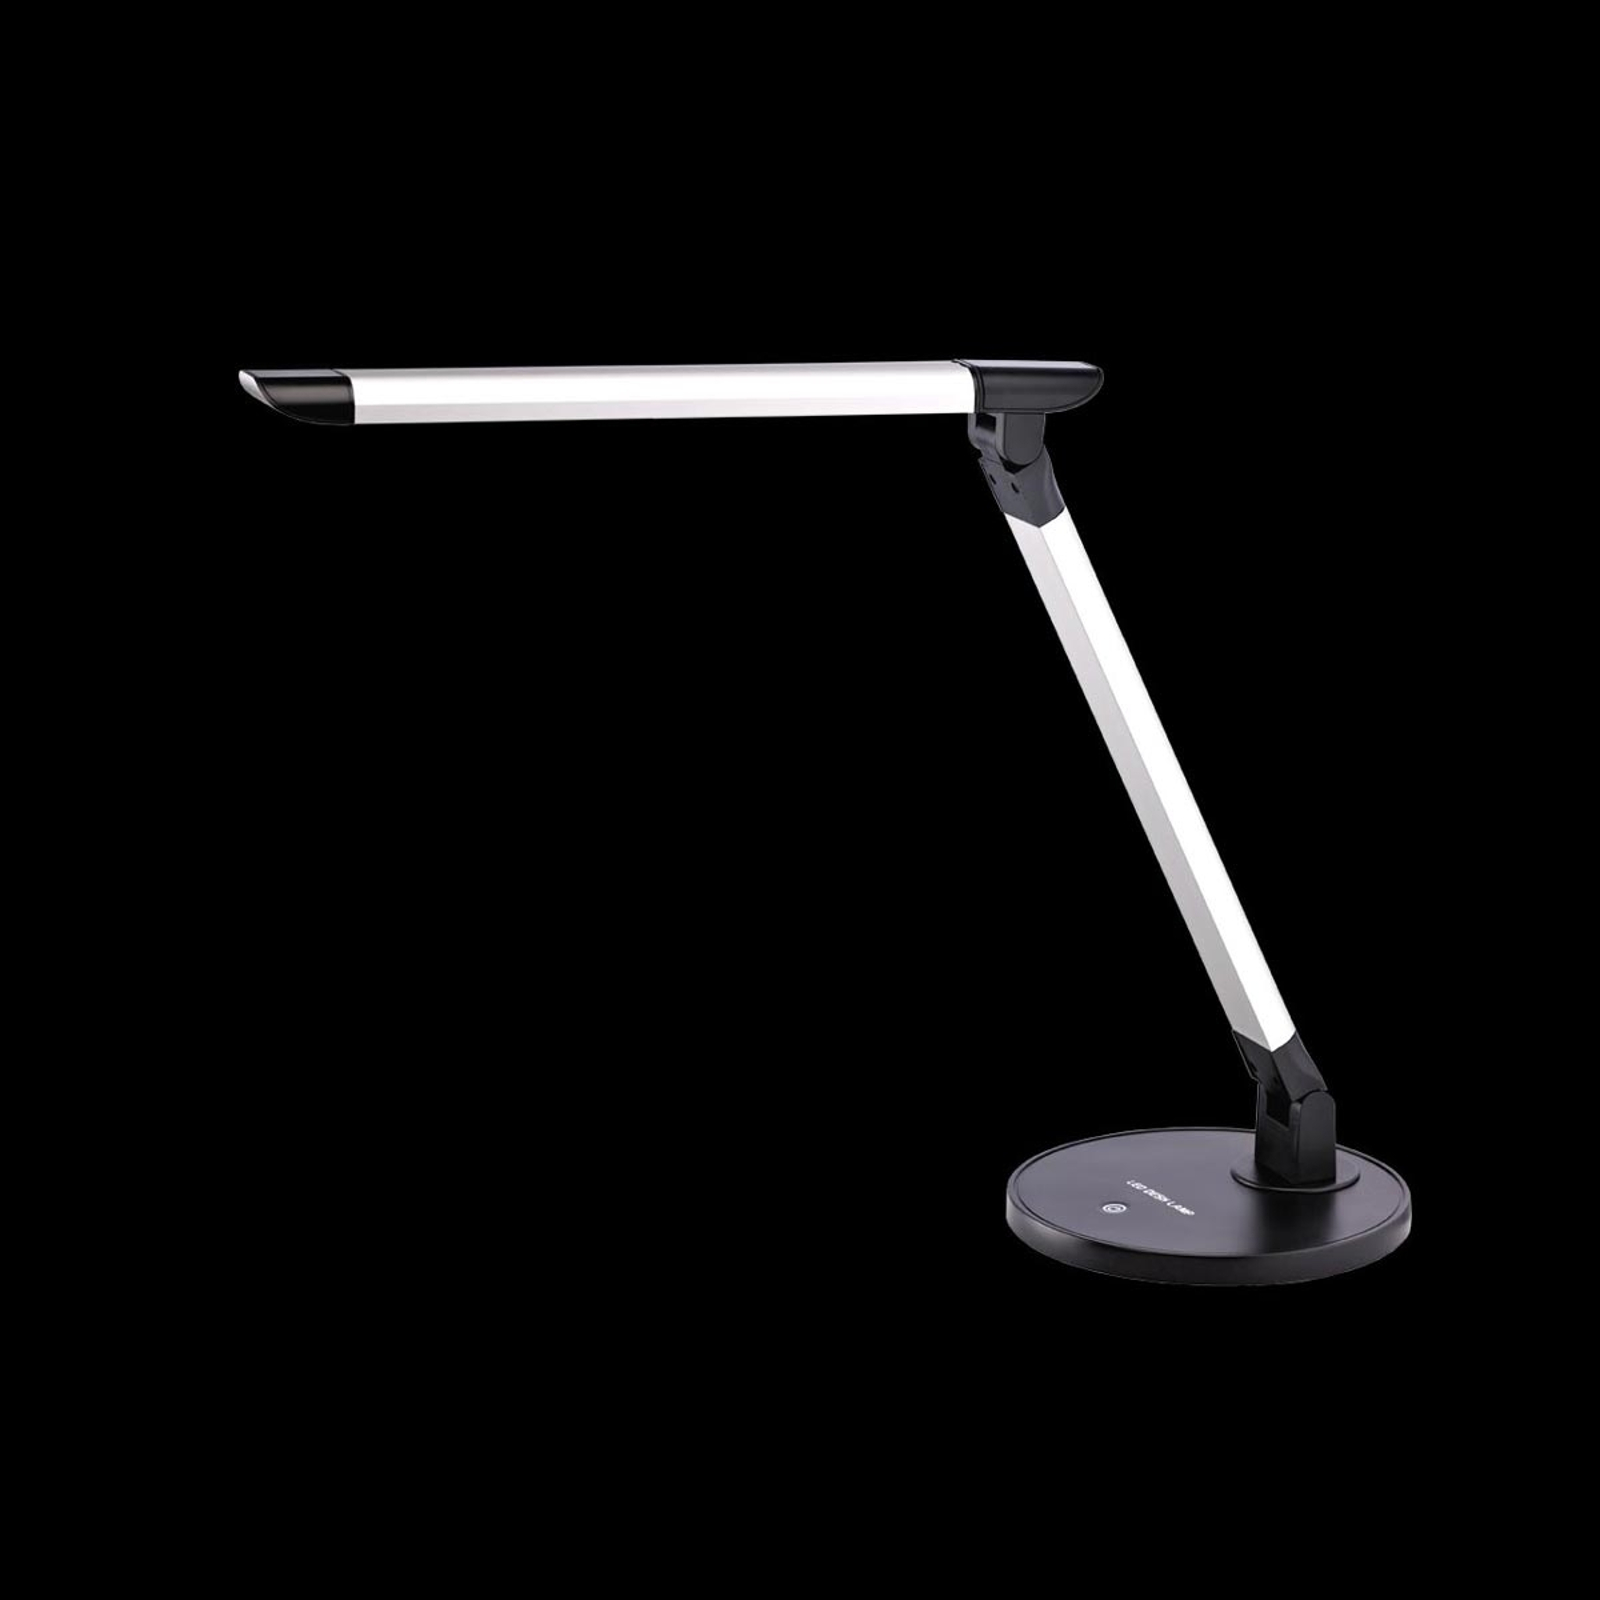 Skladateľná stolná LED lampa Chris stmievač_1003140_1